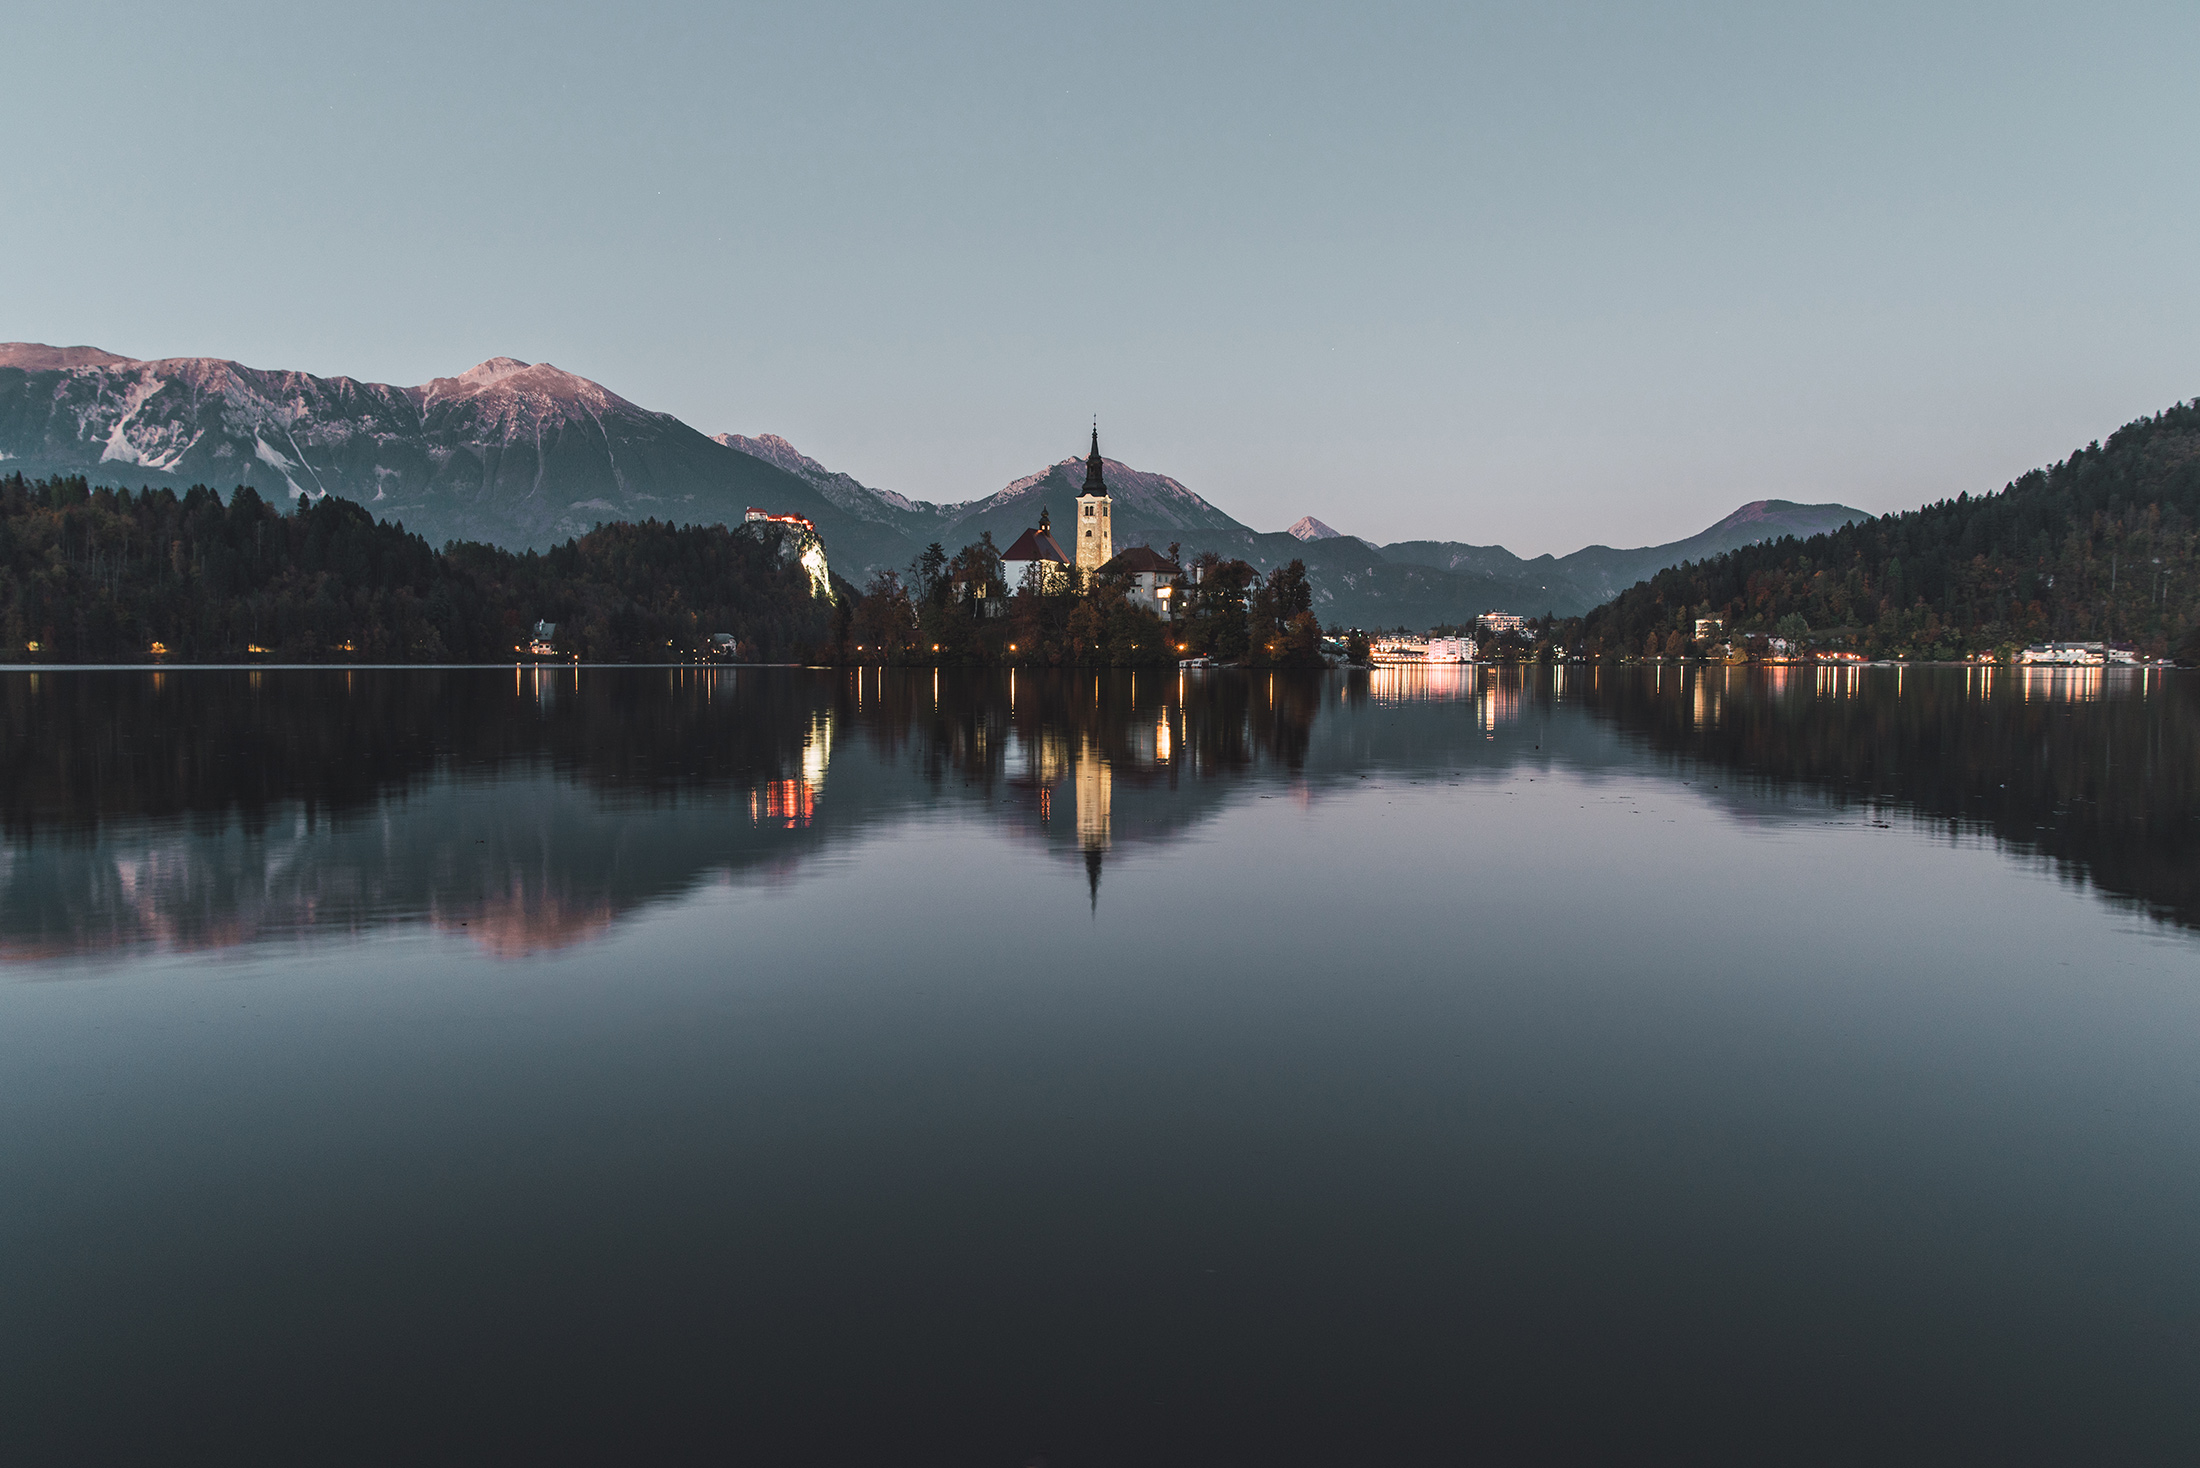 lake-bled-at-sunset-slovenia-slovenija-autumn-fall-lights-mountains-alpenglow.jpg